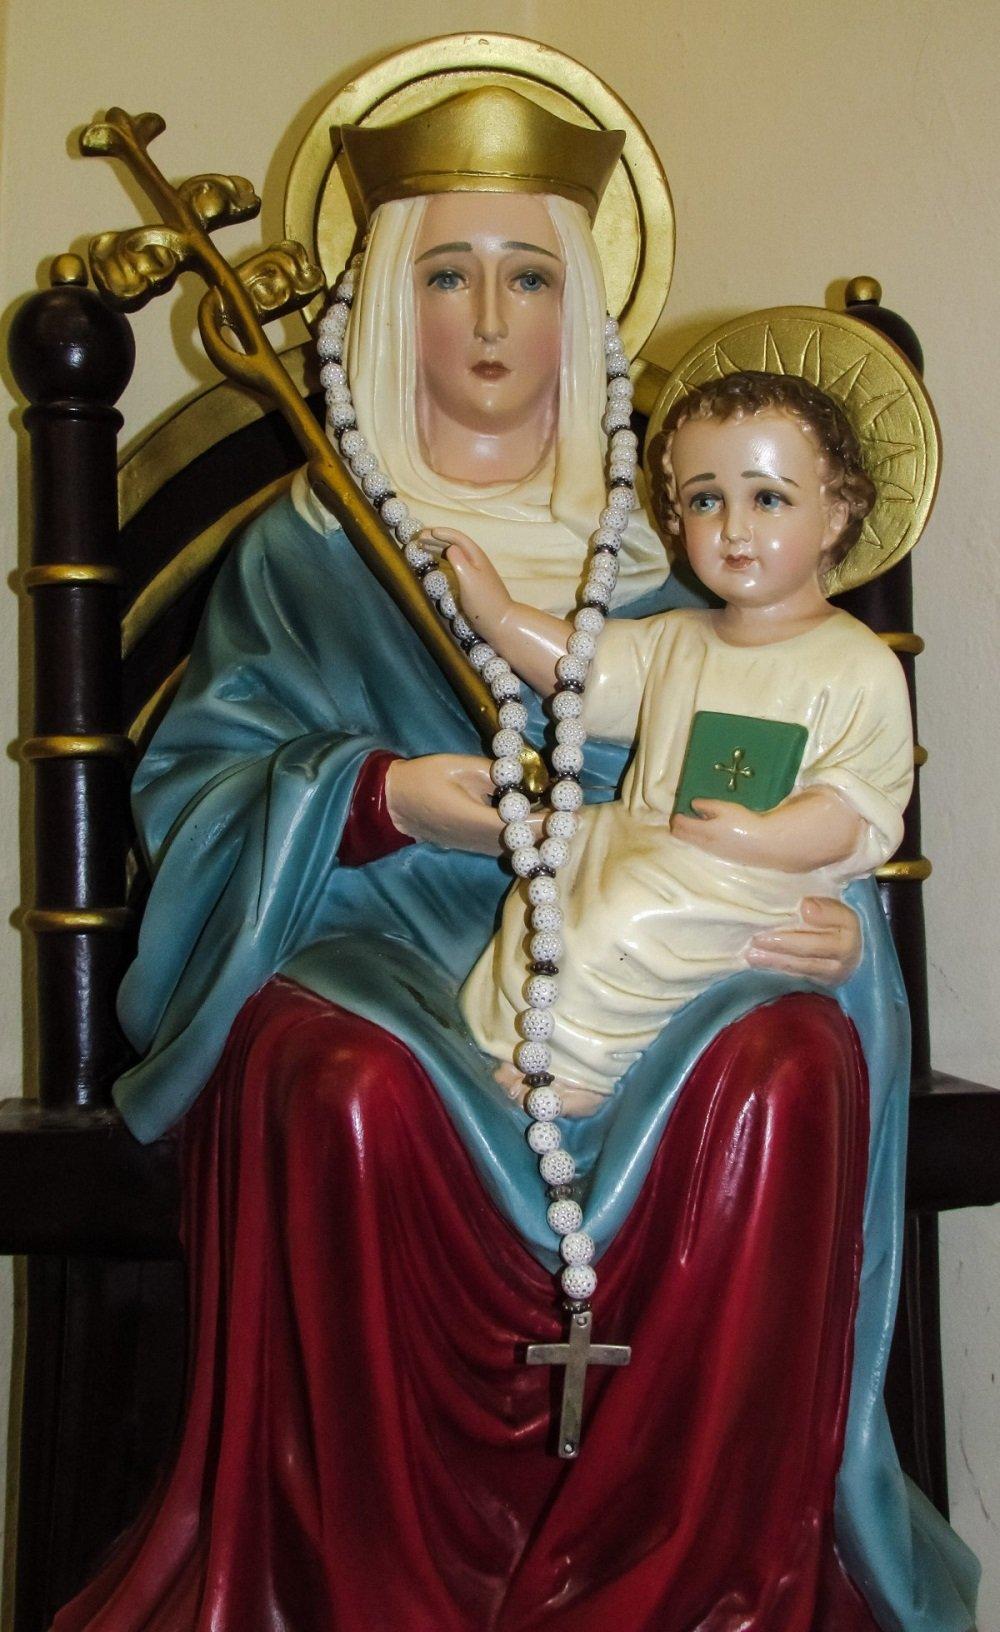 Imagen de la Virgen María y el Niño Jesús.| Imagen: PxHere